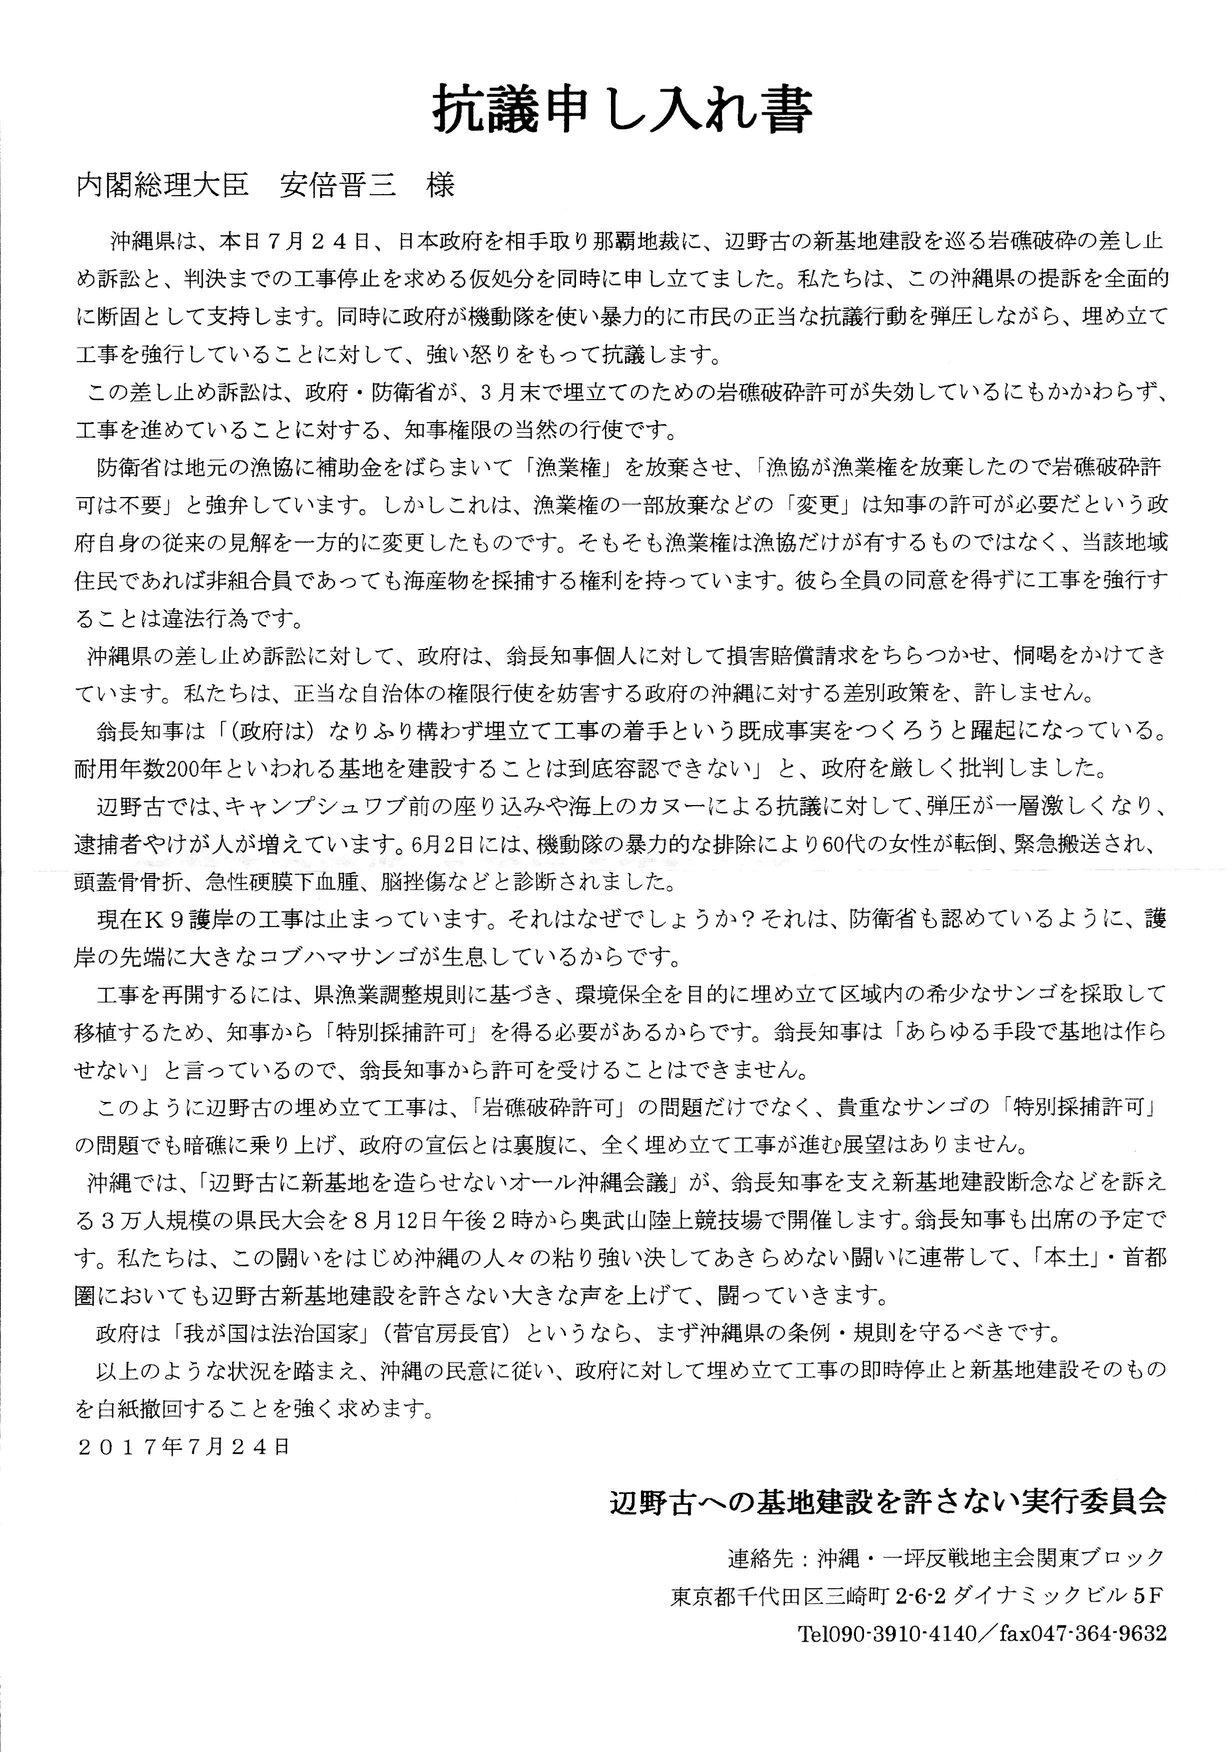 0724抗議申し入れ書